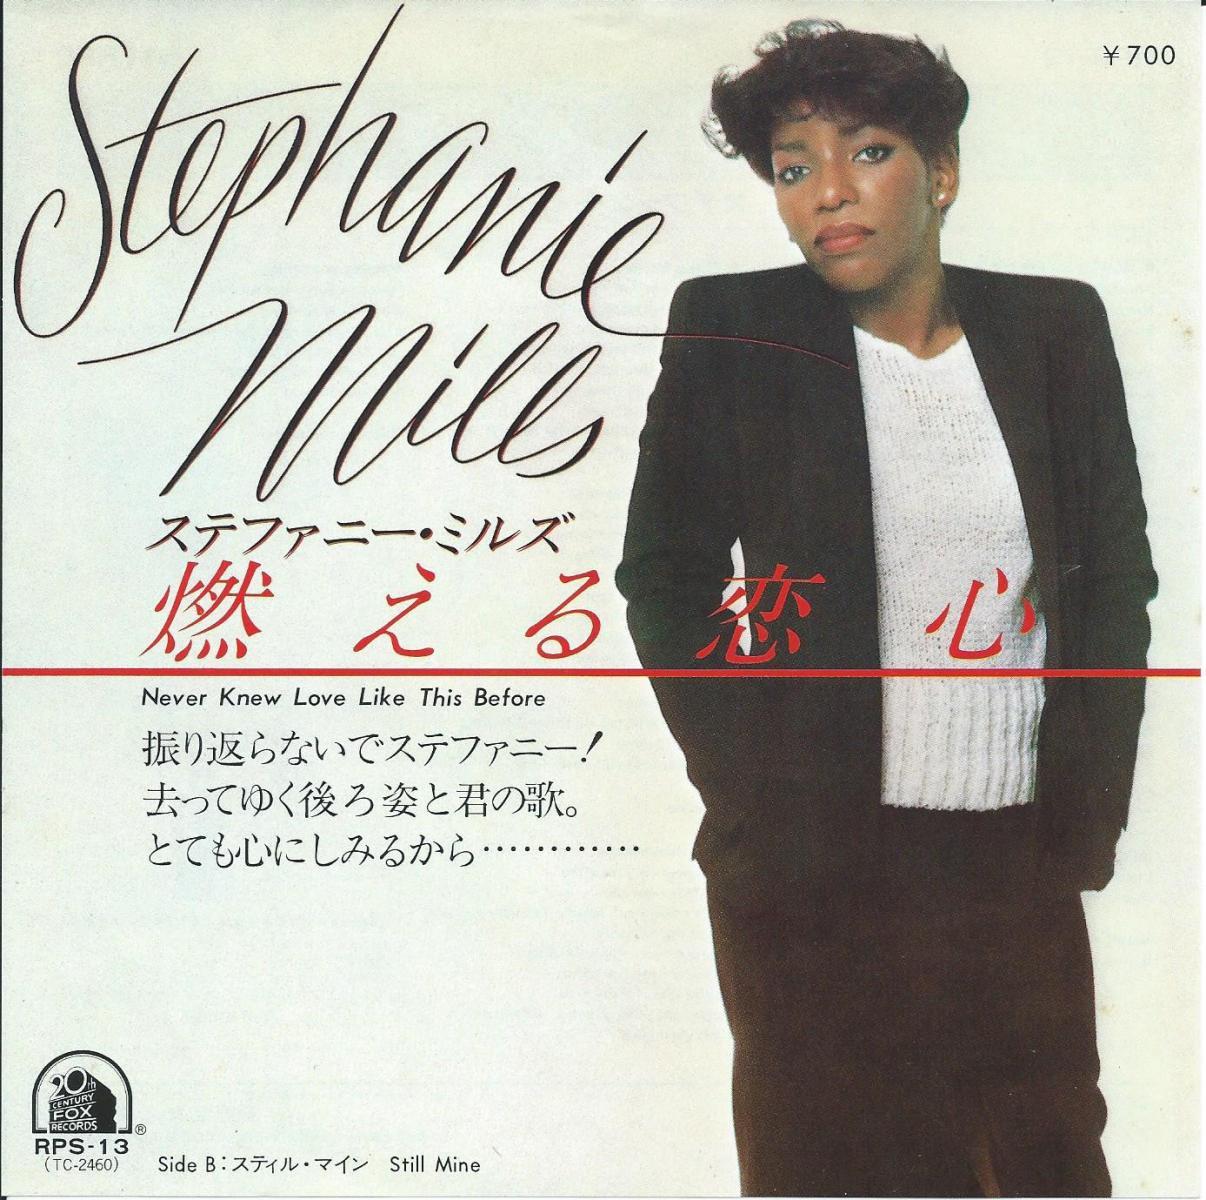 ステファニー・ミルズ STEPHANIE MILLS / 燃える恋心 NEVER KNEW LOVE LIKE THIS BEFORE (7